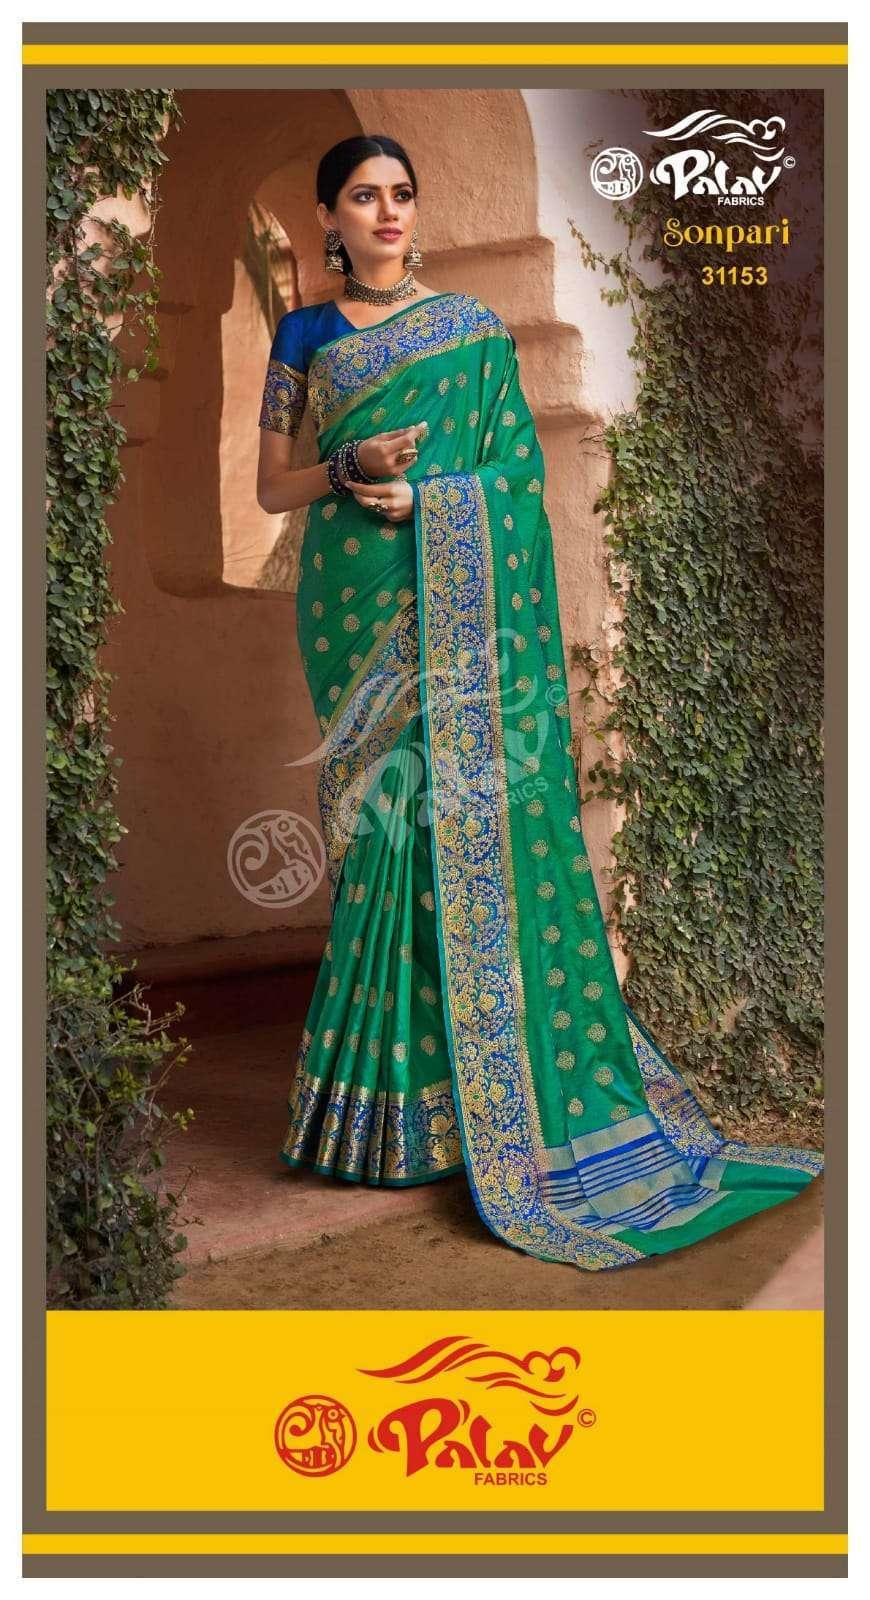 Palav Fabrics Sonpari Silk Traditional Sarees Collection 05